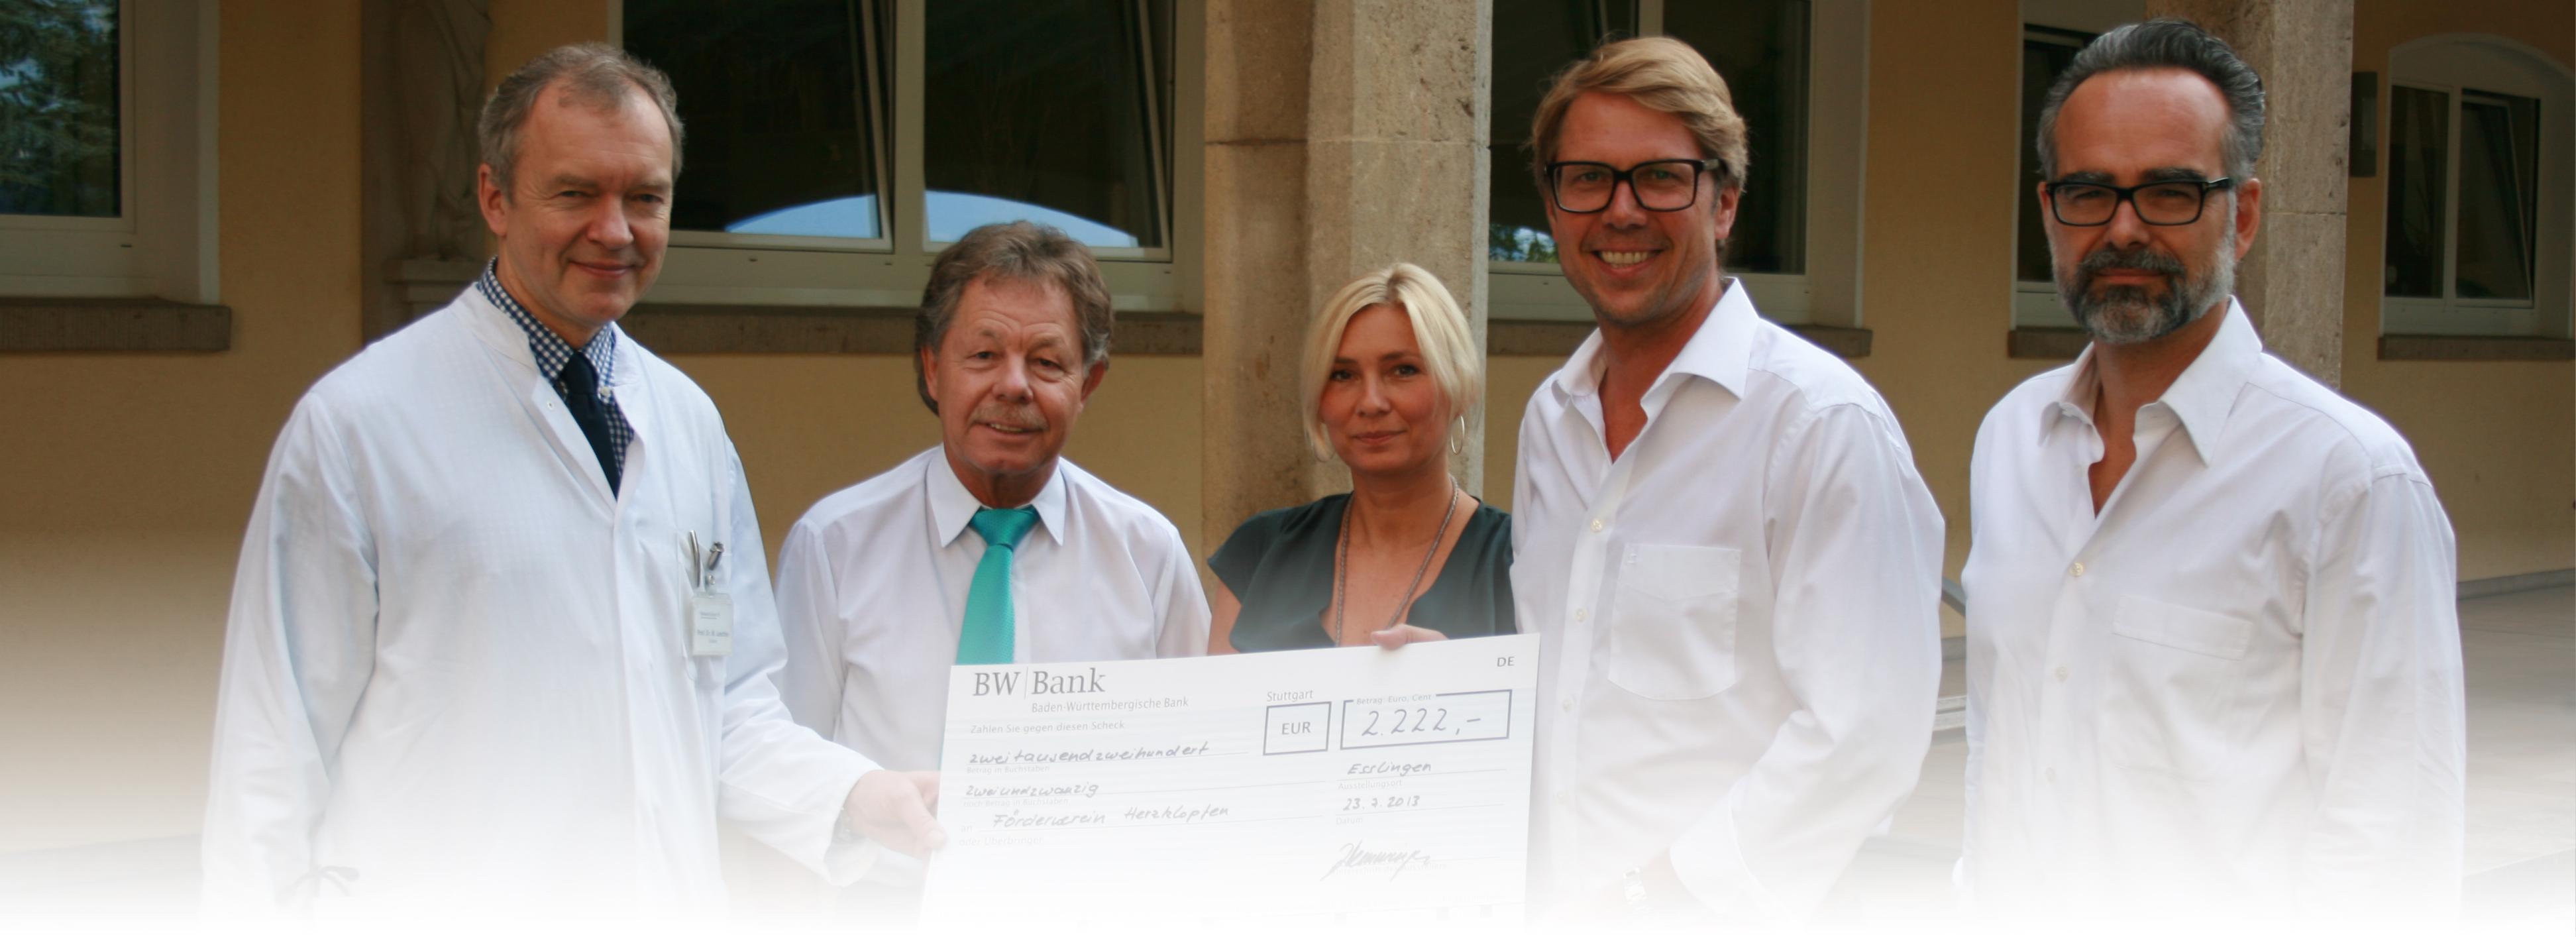 Spenden für Senioren-Projekte im Großraum Esslingen erwünscht